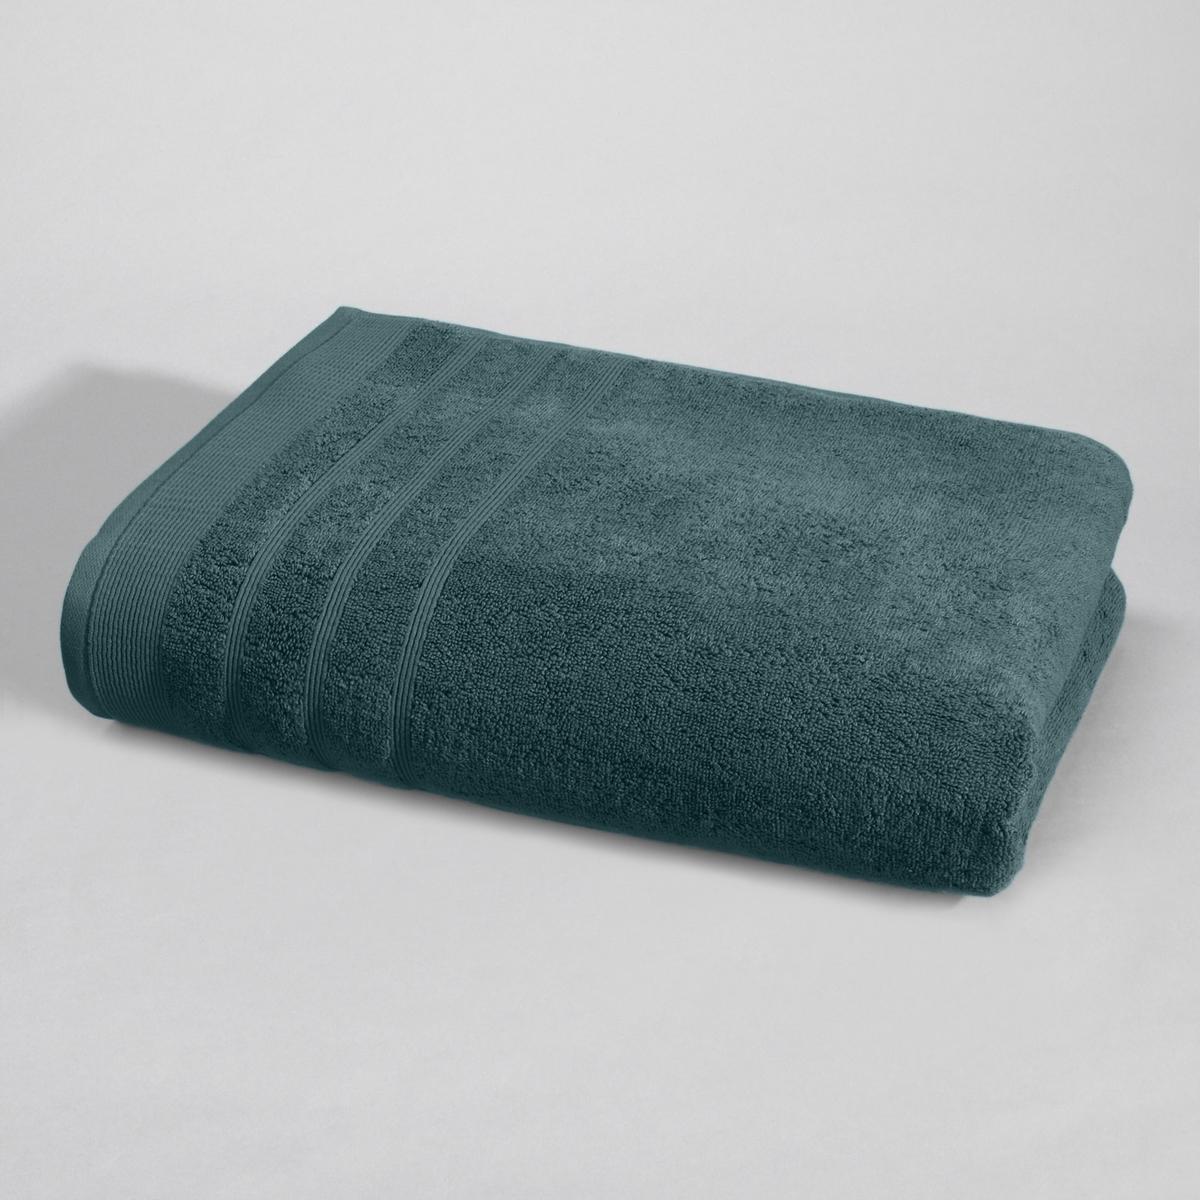 Полотенце банное 600 г/м?, Качество BestПышное полотенце с исключительной впитывающей способностью. Невероятный комфорт!Характеристики банного полотенца :Качество BEST.Махровая ткань 100 % хлопка.Машинная стирка при 60°.Размеры банного полотенца:70 x 140 см.<br><br>Цвет: бежевый,белый,гранатовый,зелено-синий,зеленый мох,розовая пудра,светло-серый,светло-синий,Серо-синий,шафран<br>Размер: 70 x 140  см.70 x 140  см.70 x 140  см.70 x 140  см